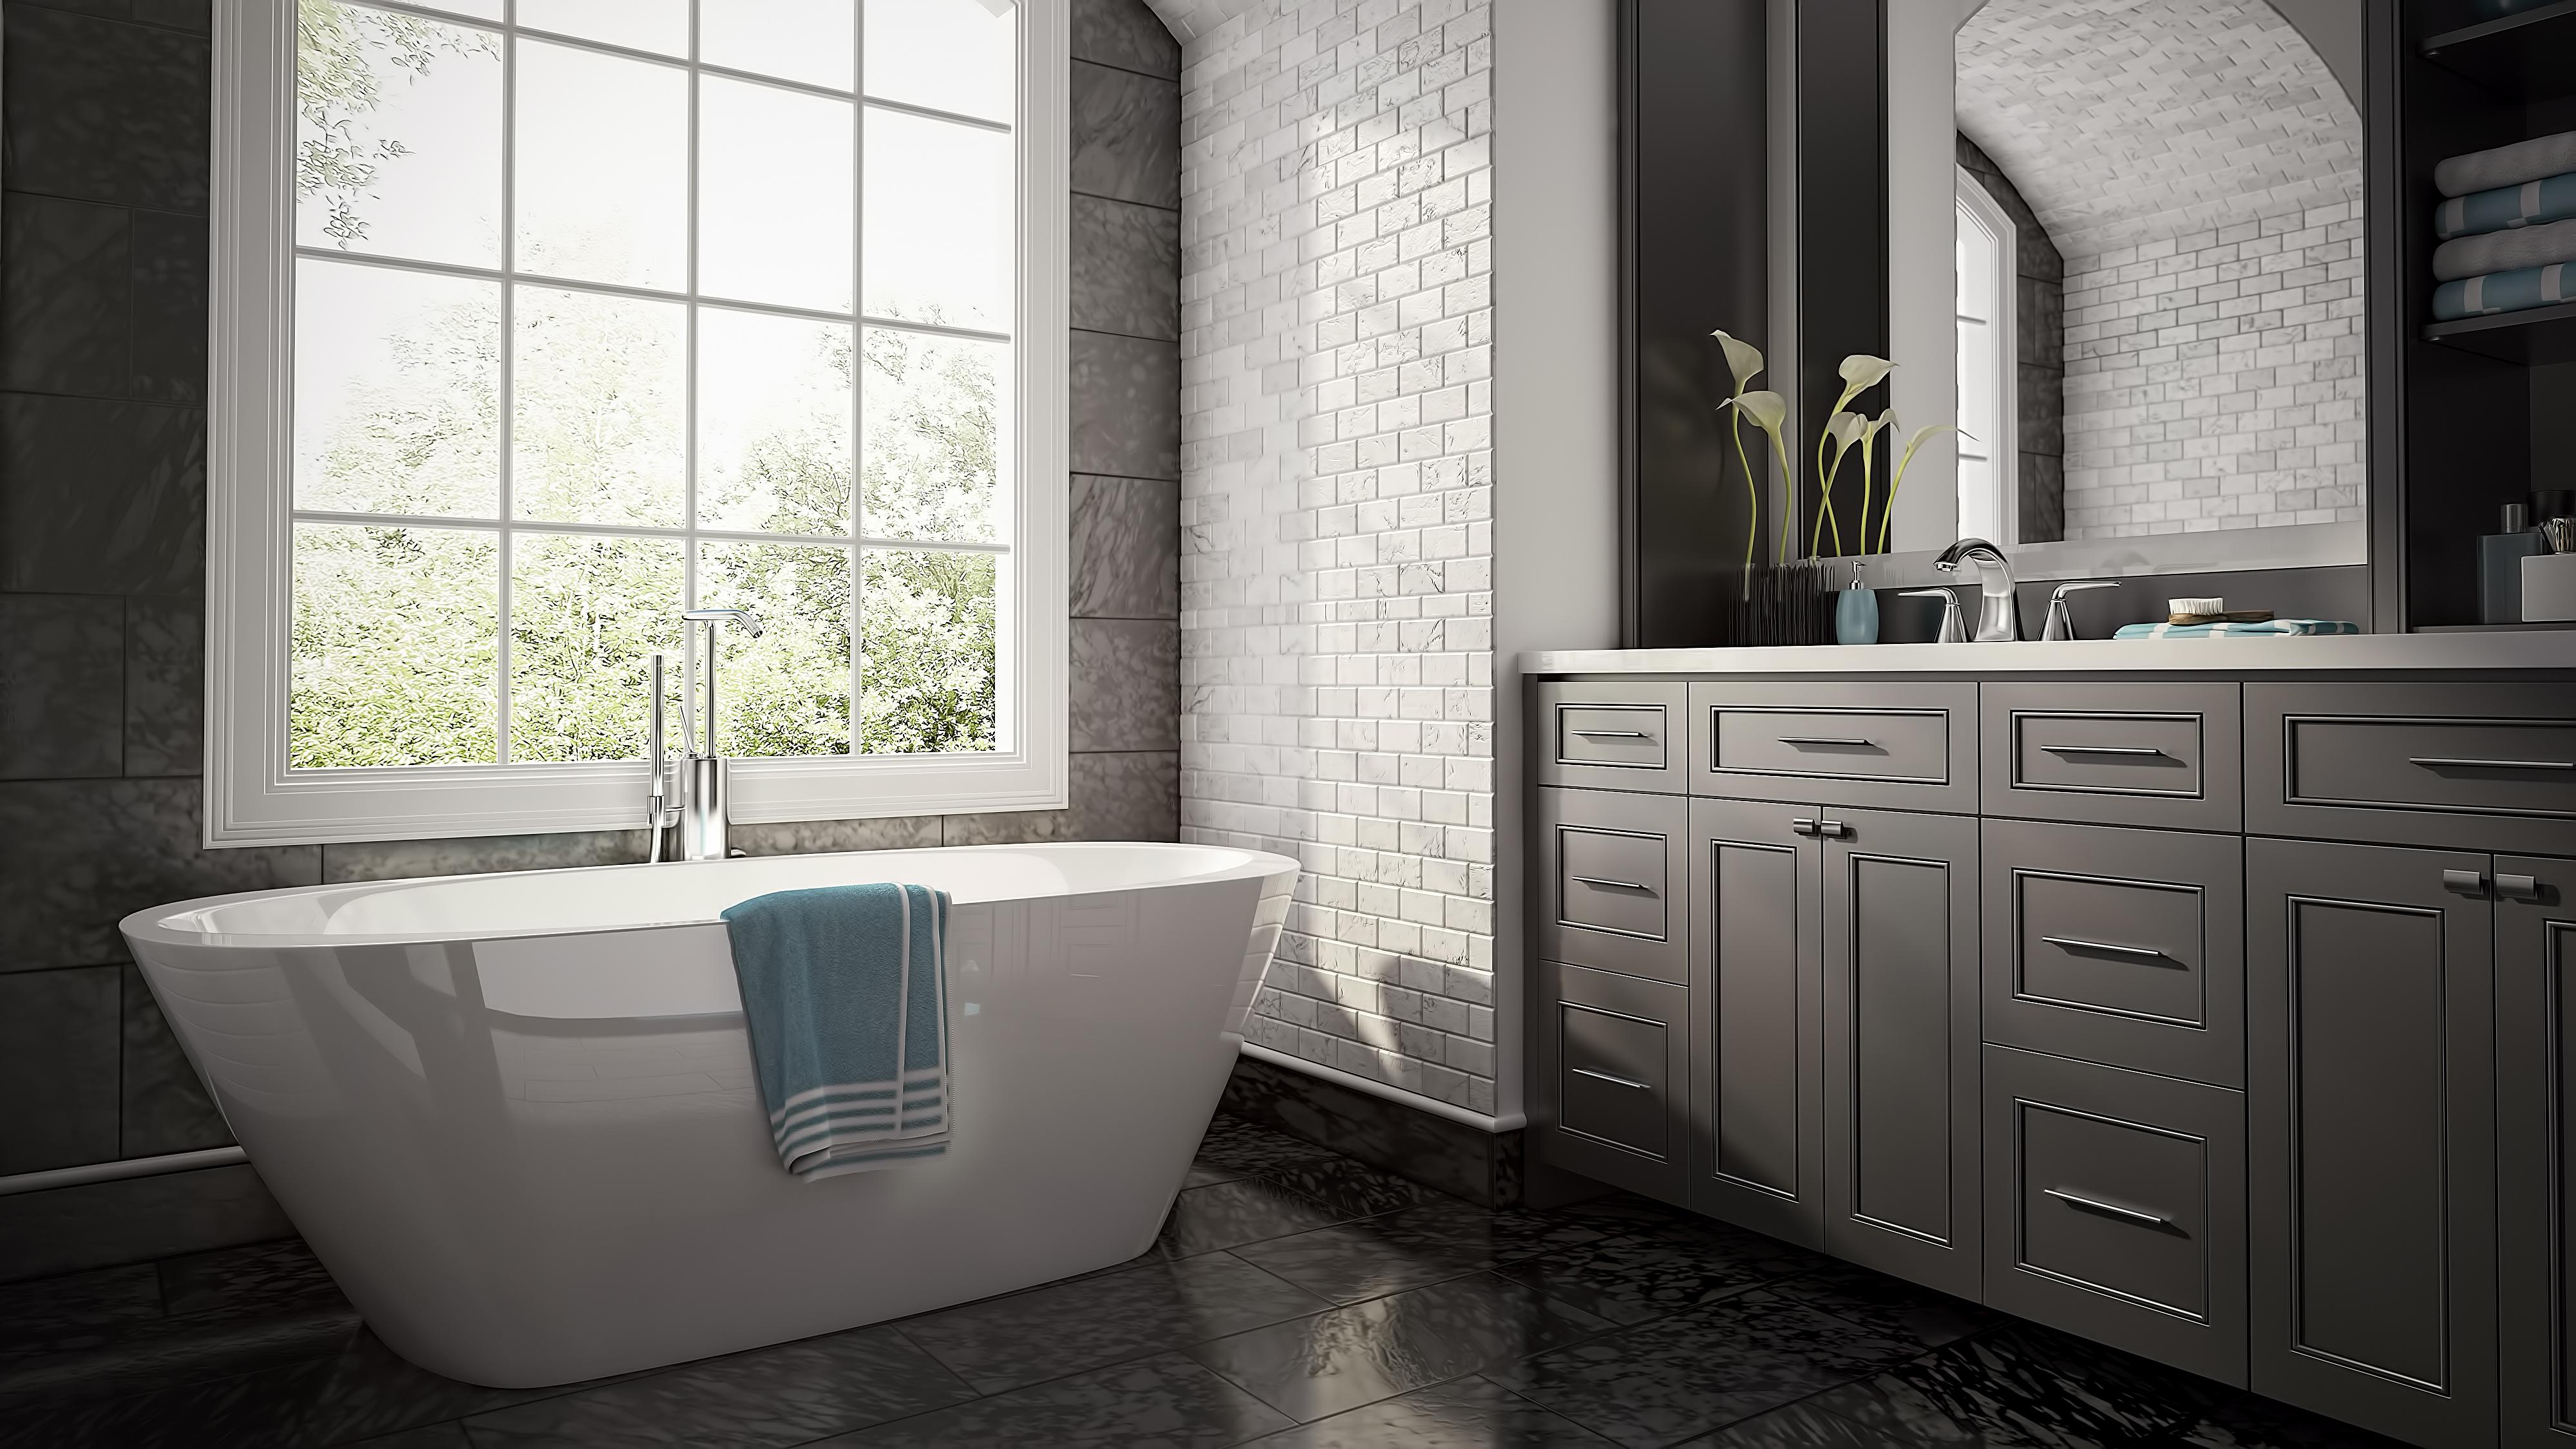 Projet salle de bain 3d 3d salle de bain pour deco salle for Projet salle de bain 3d